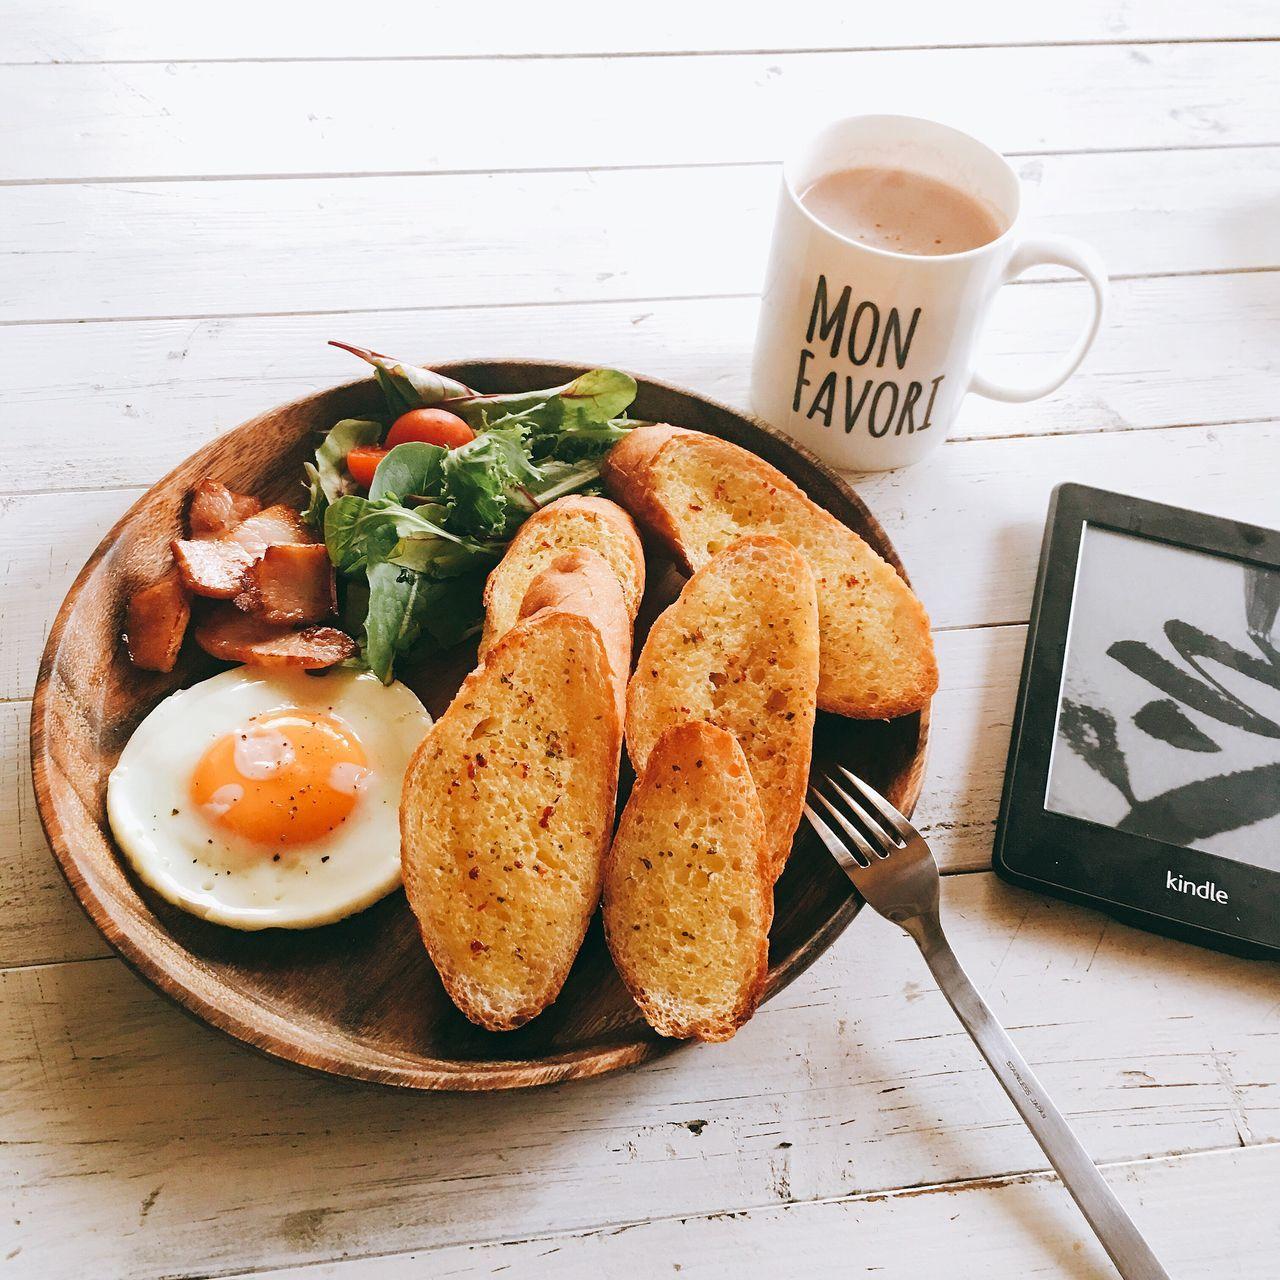 ガーリックトースト Breakfast Morning Enjoying Life おはよう Fatherhood  朝ごはん おうちカフェ Singlefather あさごはん パパめし シングルパパ シングルファザー Single Father おうちごはん Onthetable Onmytable